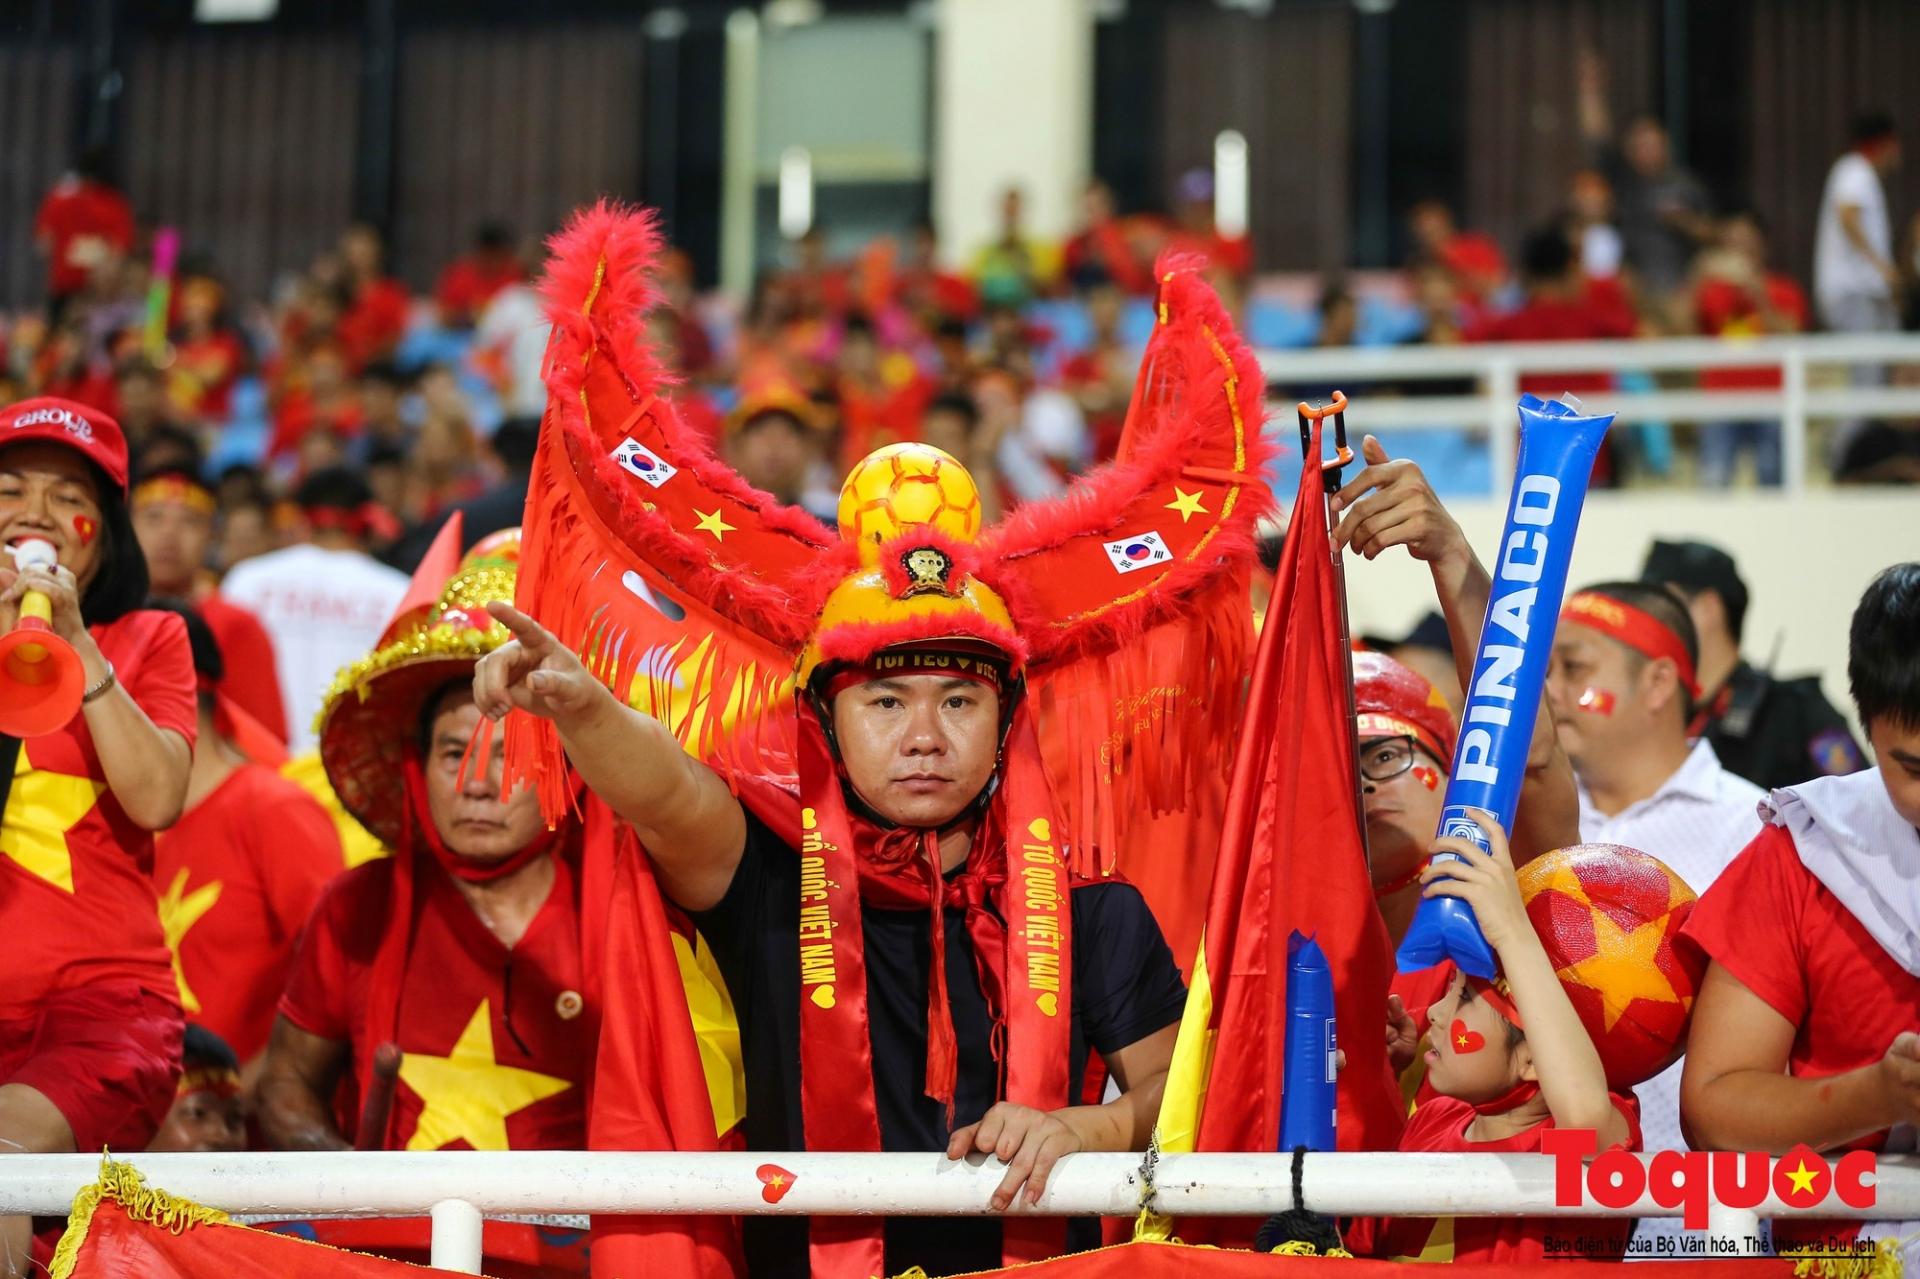 Tin vui: Trận Oman vs Việt Nam sẽ đón khán giả vào sân cổ vũ 1